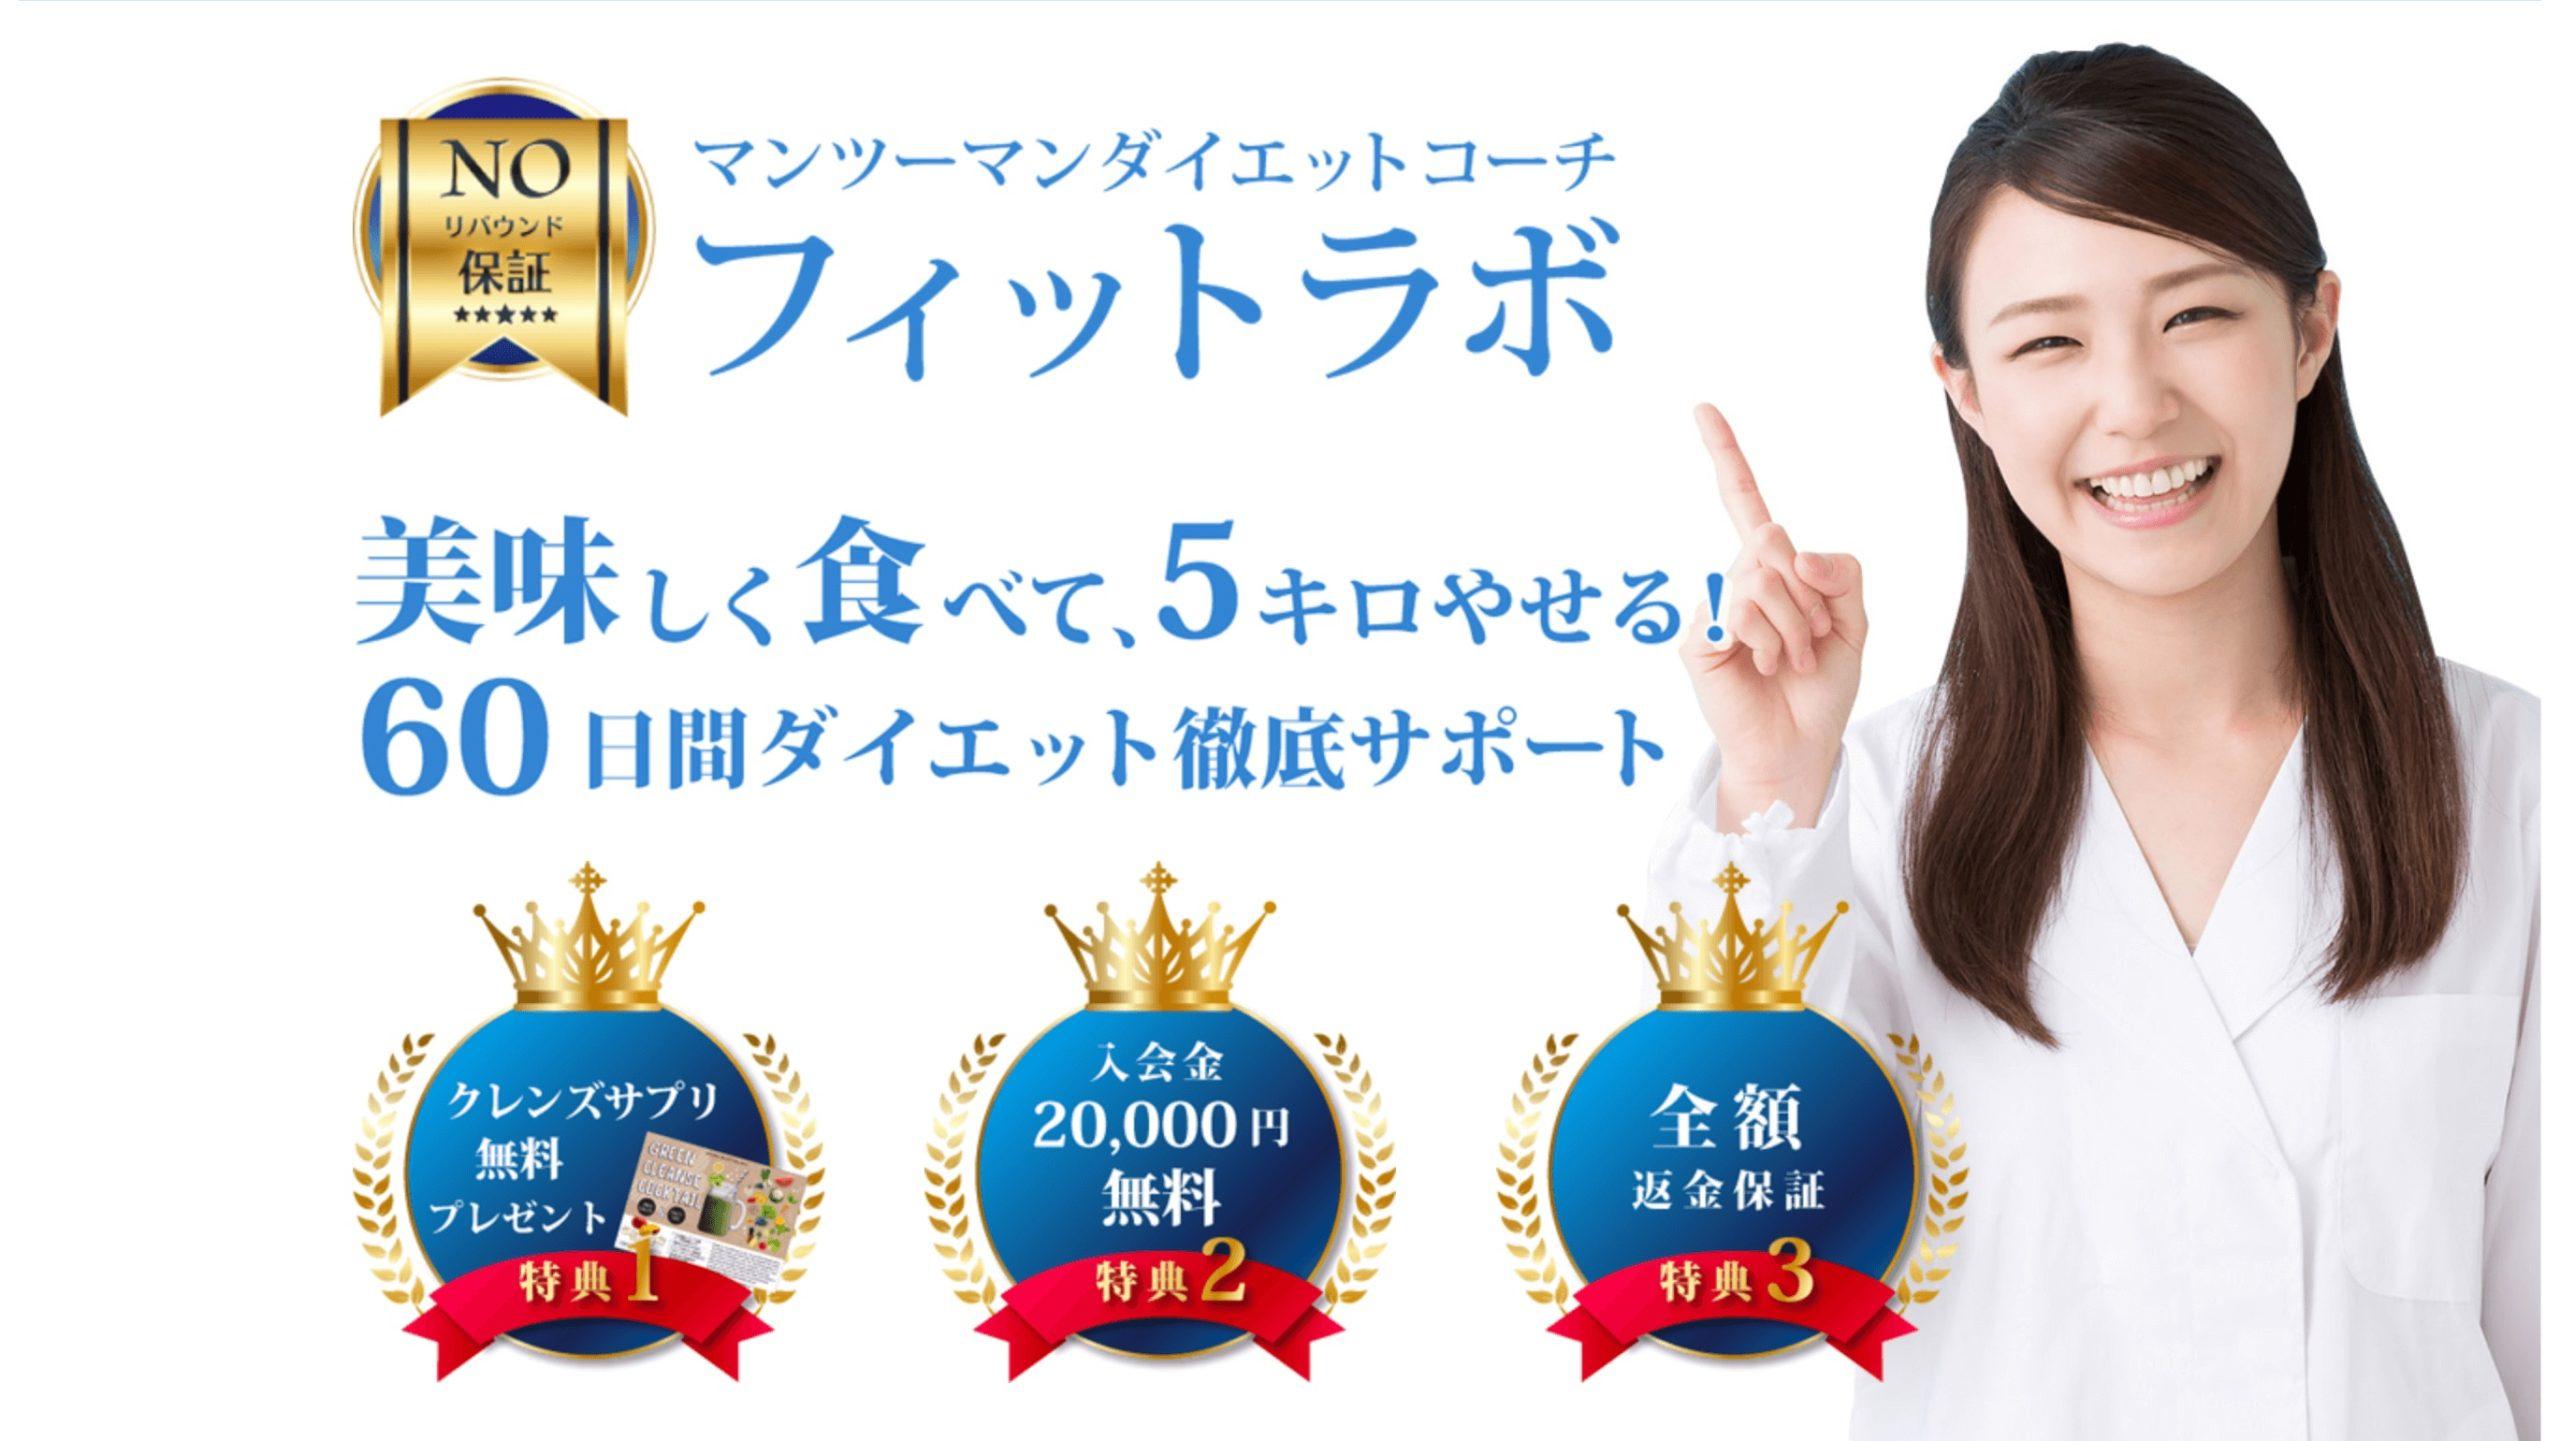 オンラインダイエット【フィットラボ】